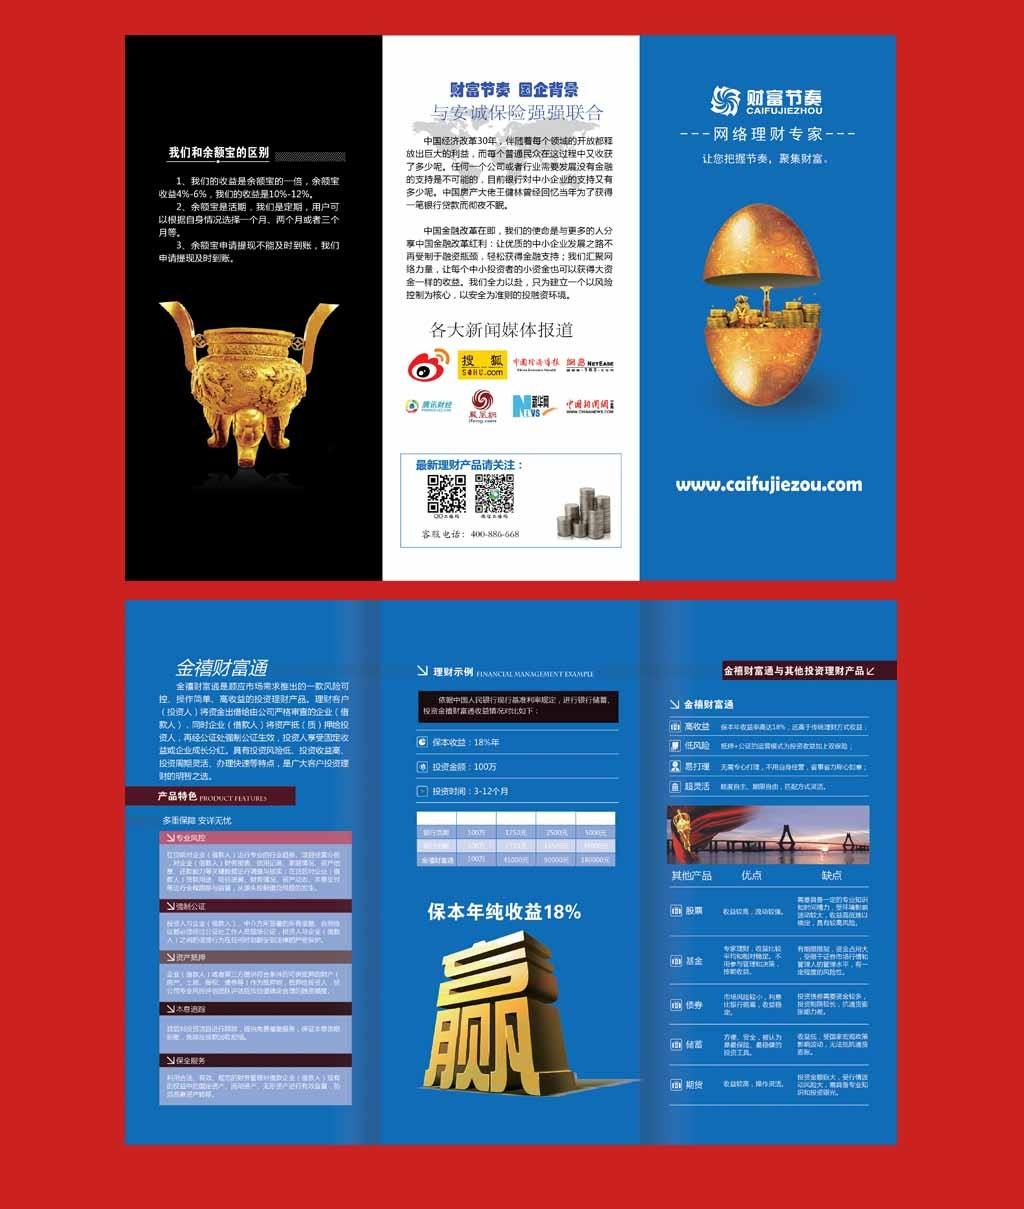 理财机构宣传折页模板下载 理财机构宣传折页图片下载